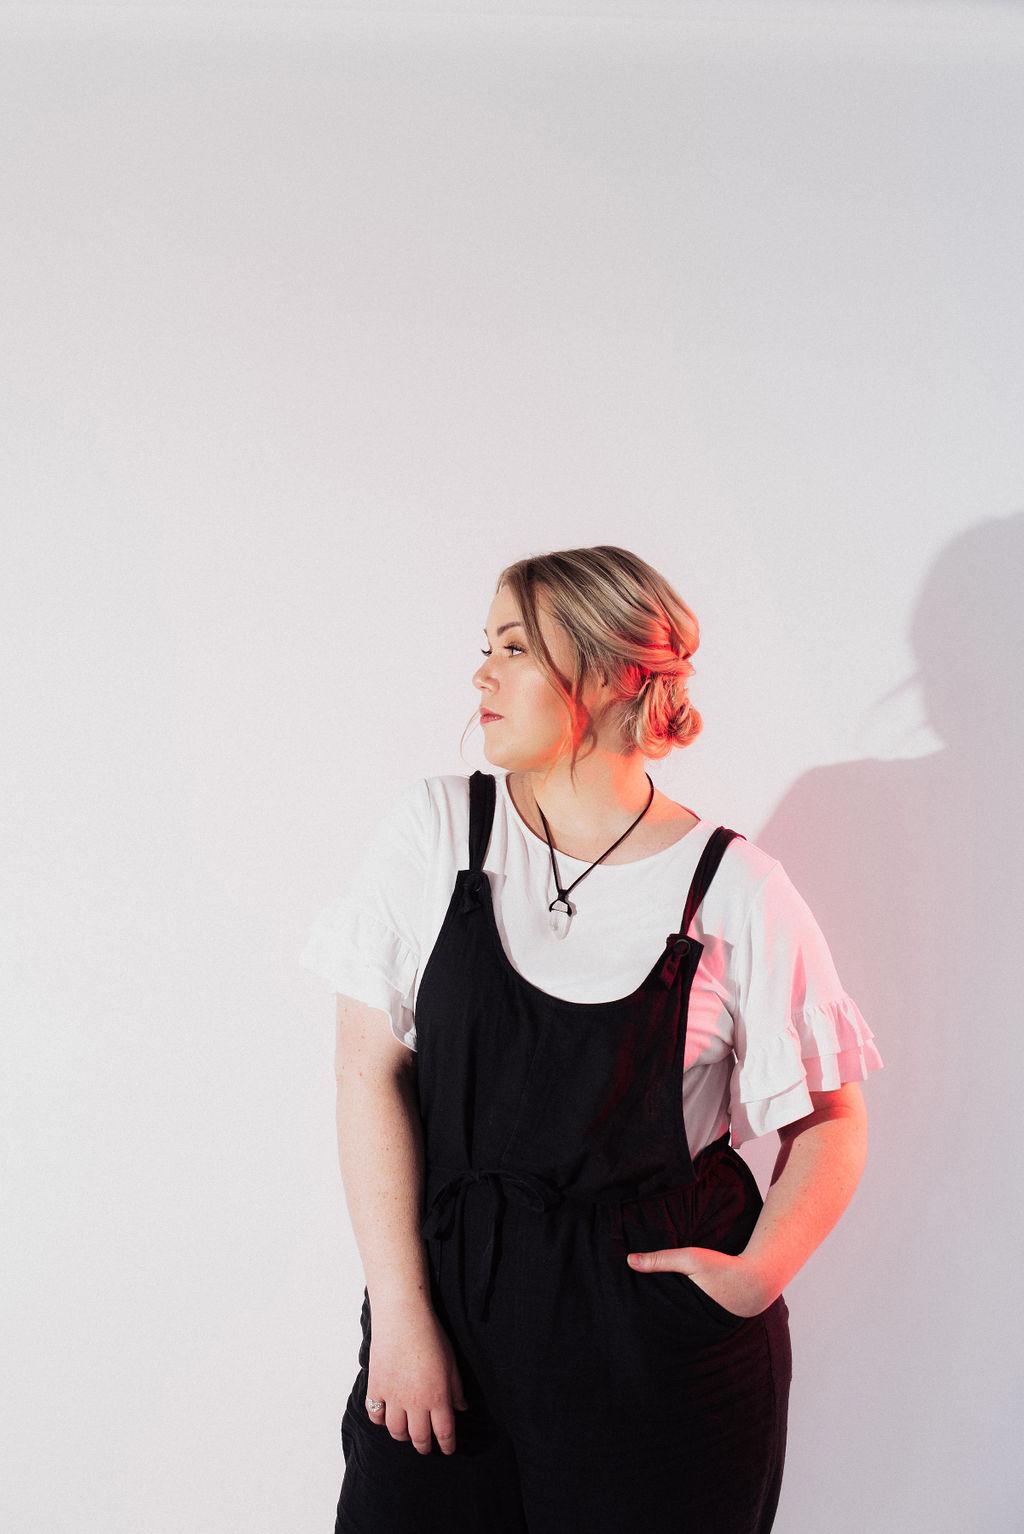 Photographer: Eden Strader  Model: Kristi Alyse  Hair & Makeup: Abigail Hill